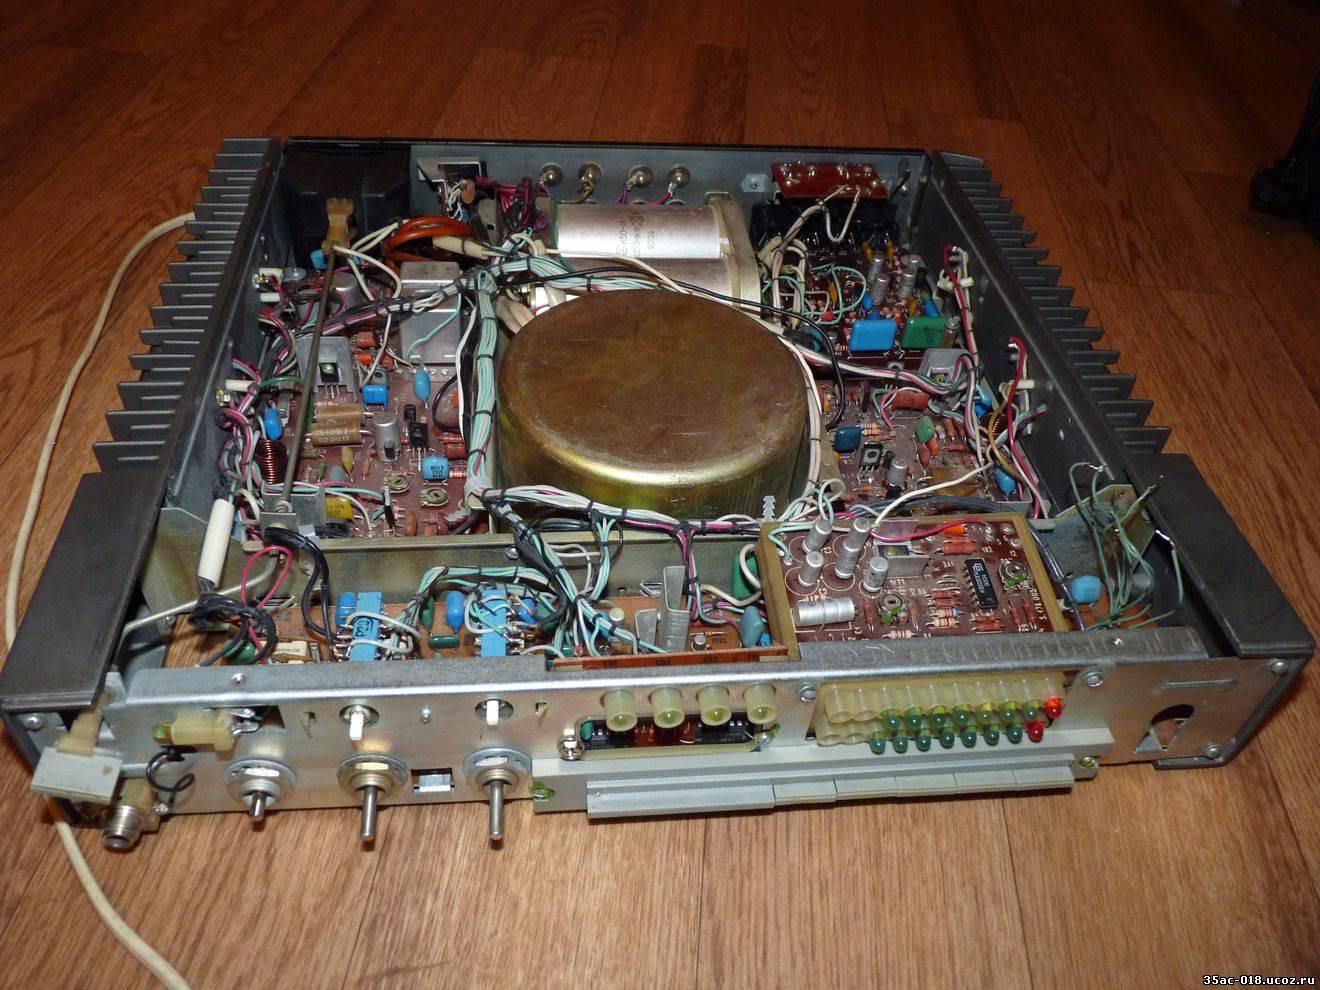 Усилитель Кумир 35У-102С-1 - схема, внешний вид, фото